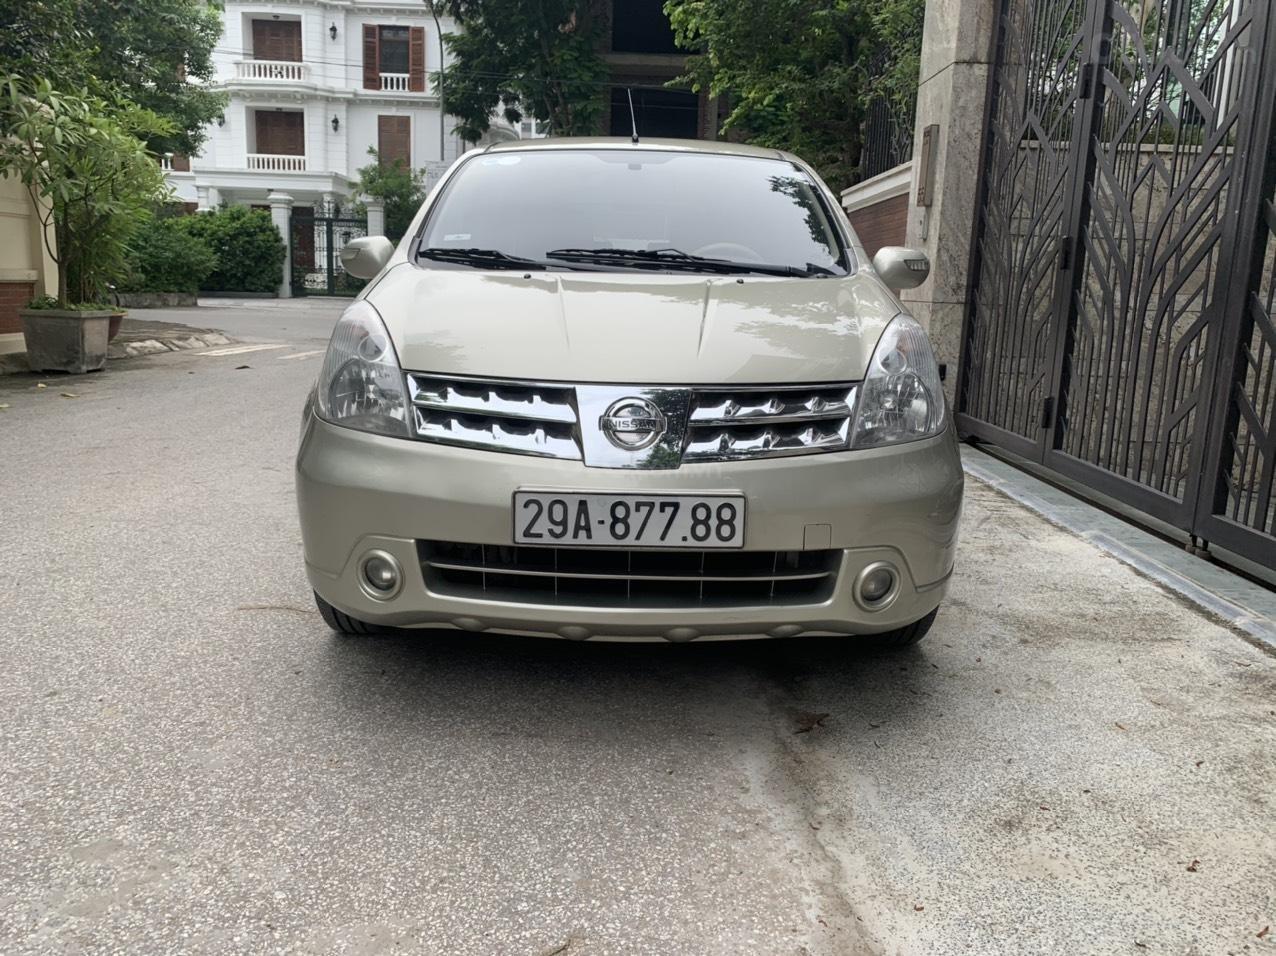 Bán Nissan Grand Livina năm 2011, số tự động 7 chỗ, chính chủ dùng (12)